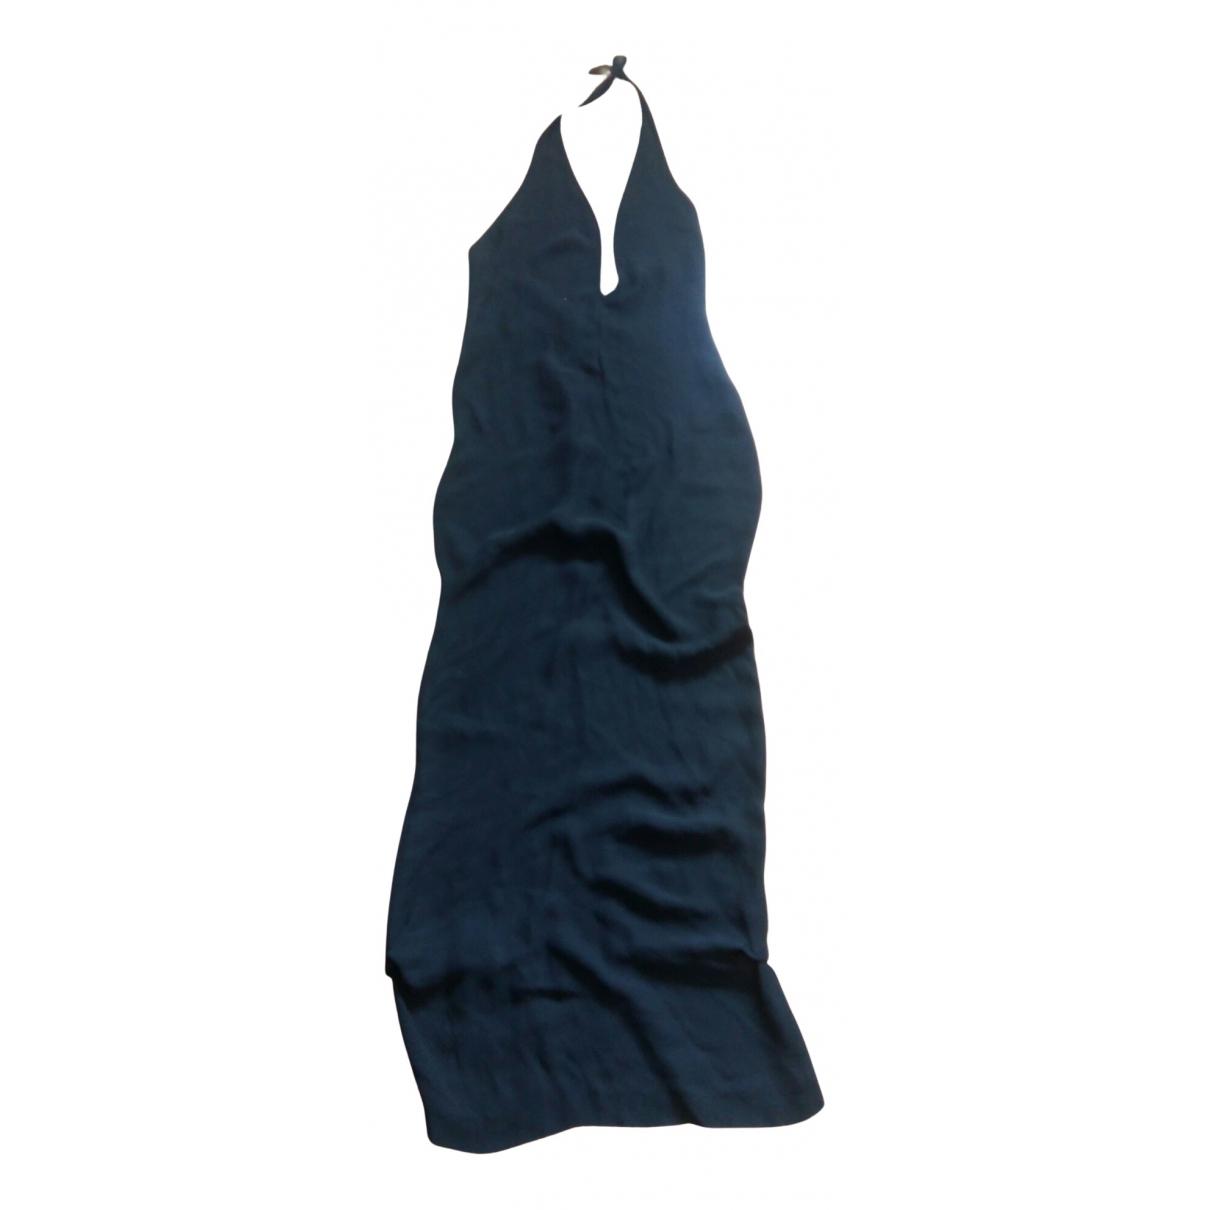 Costume National \N Kleid in  Schwarz Viskose